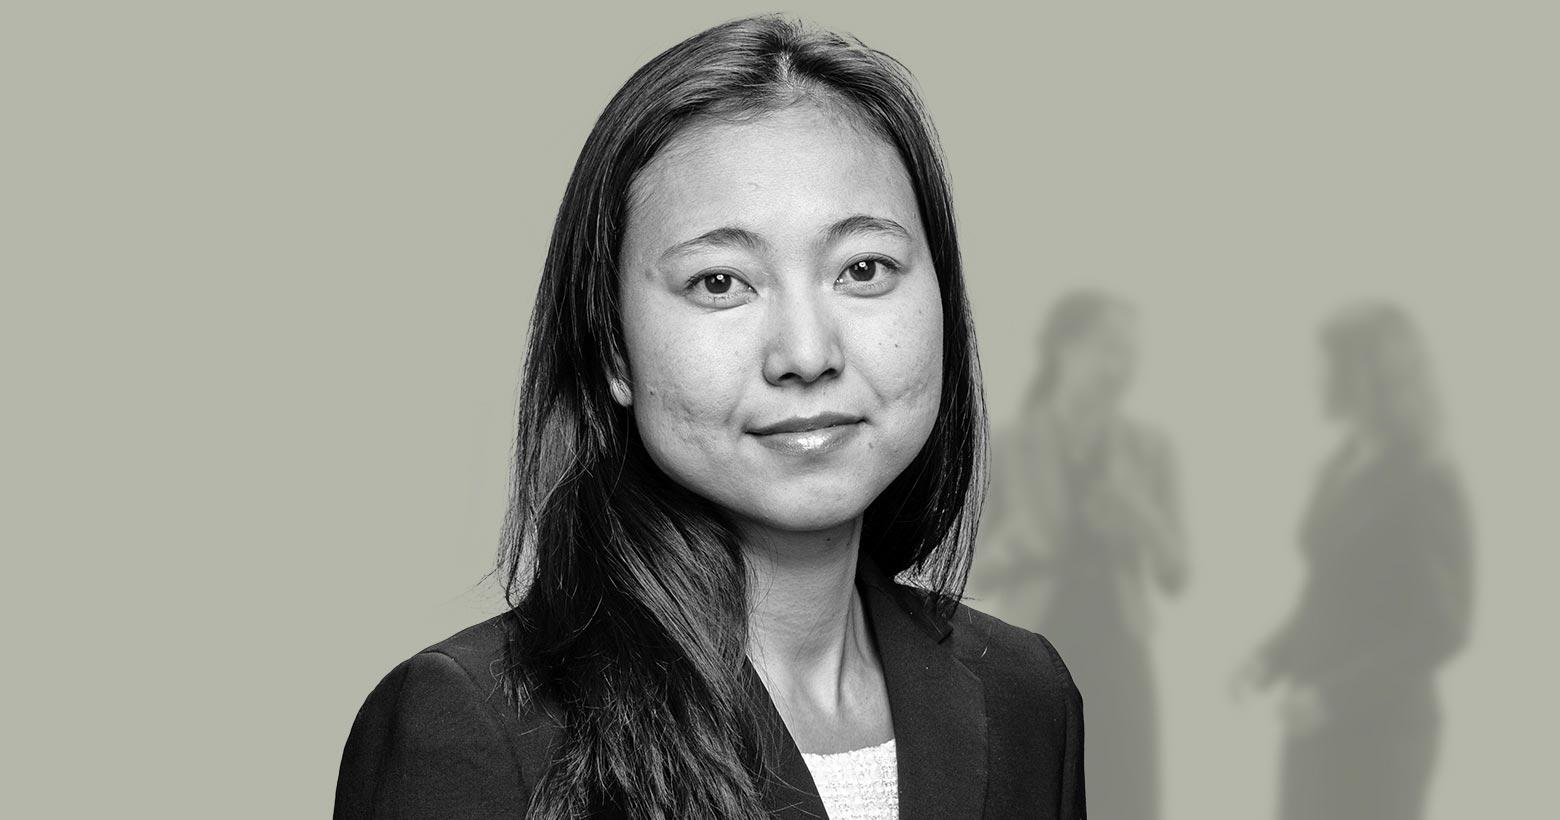 Yui Hirohashi